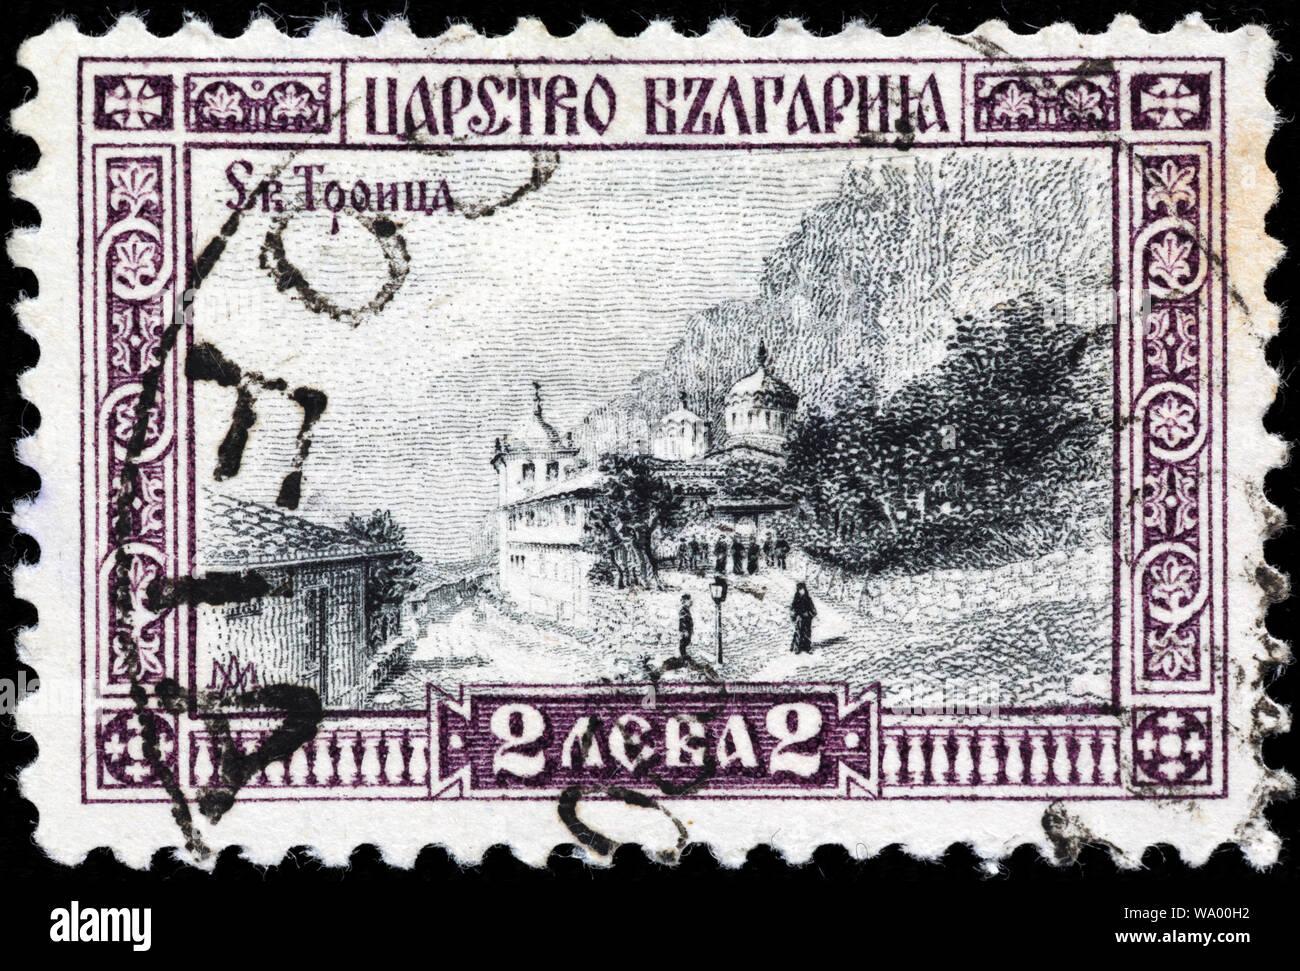 Monastery of the Holy Trinity, Troica, Veliko Tarnovo, postage stamp, Bulgaria, 1911 Stock Photo